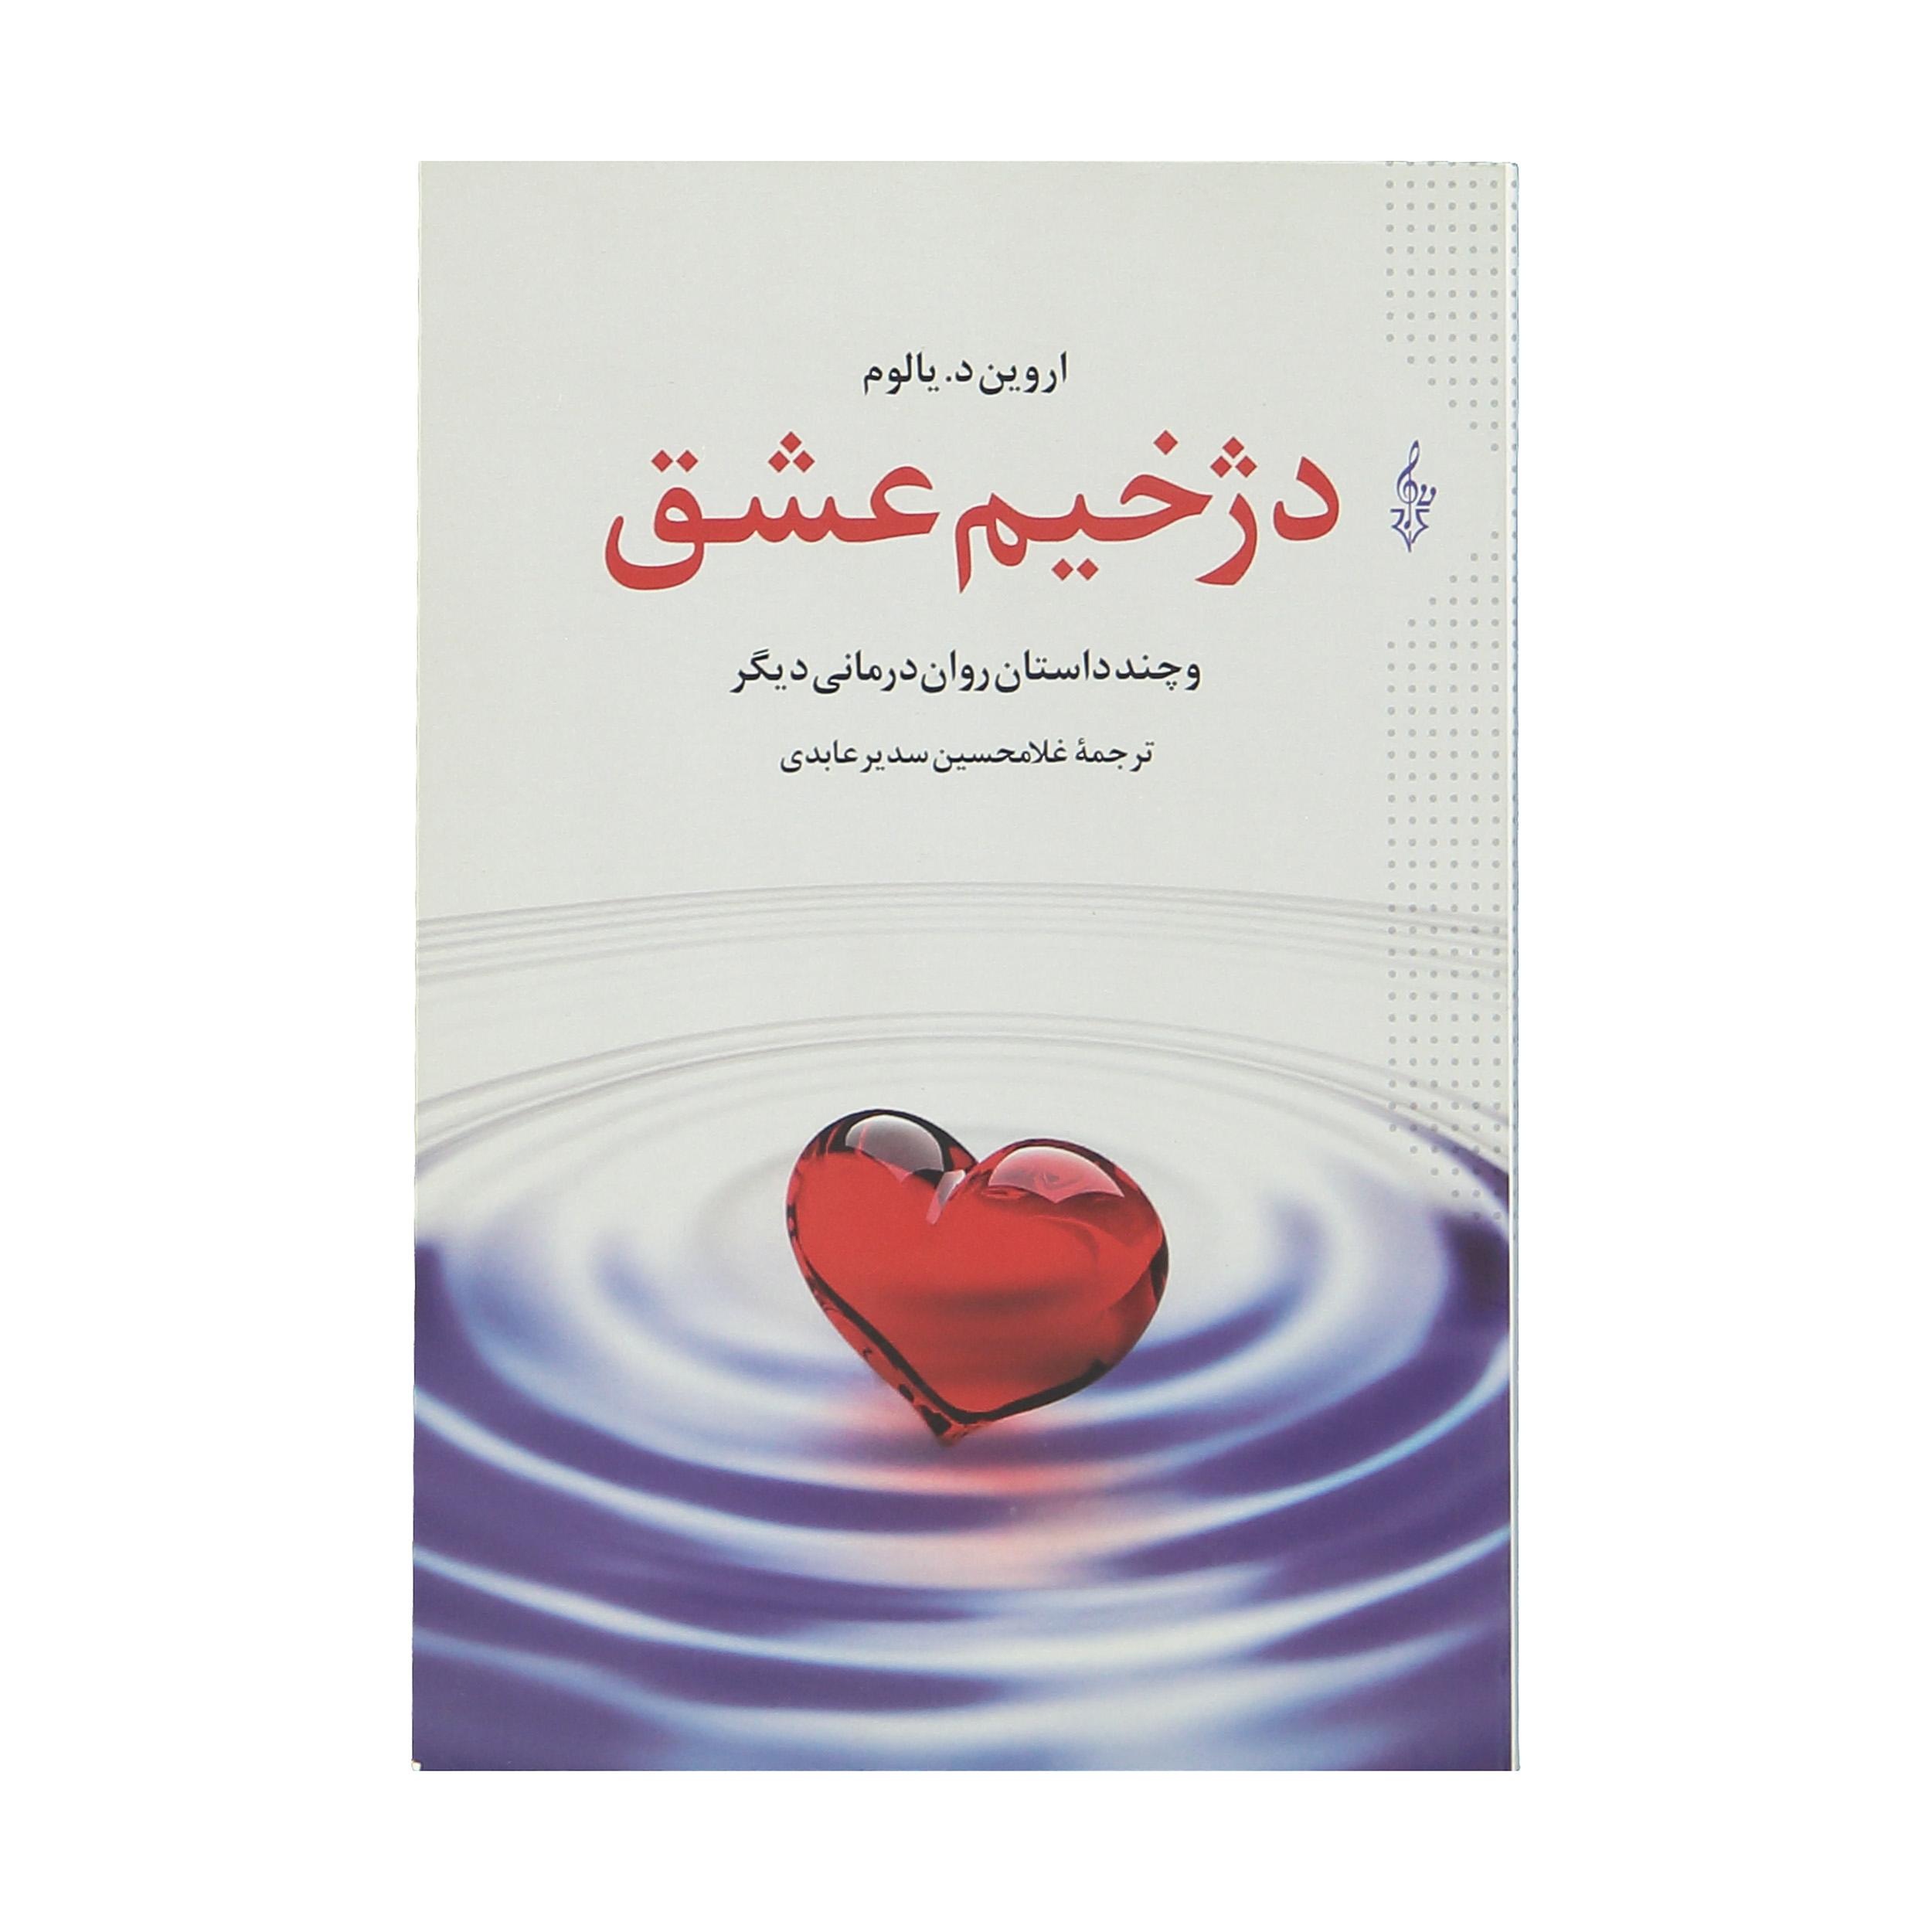 کتاب دژخیم عشق اثر اروین د. یالوم